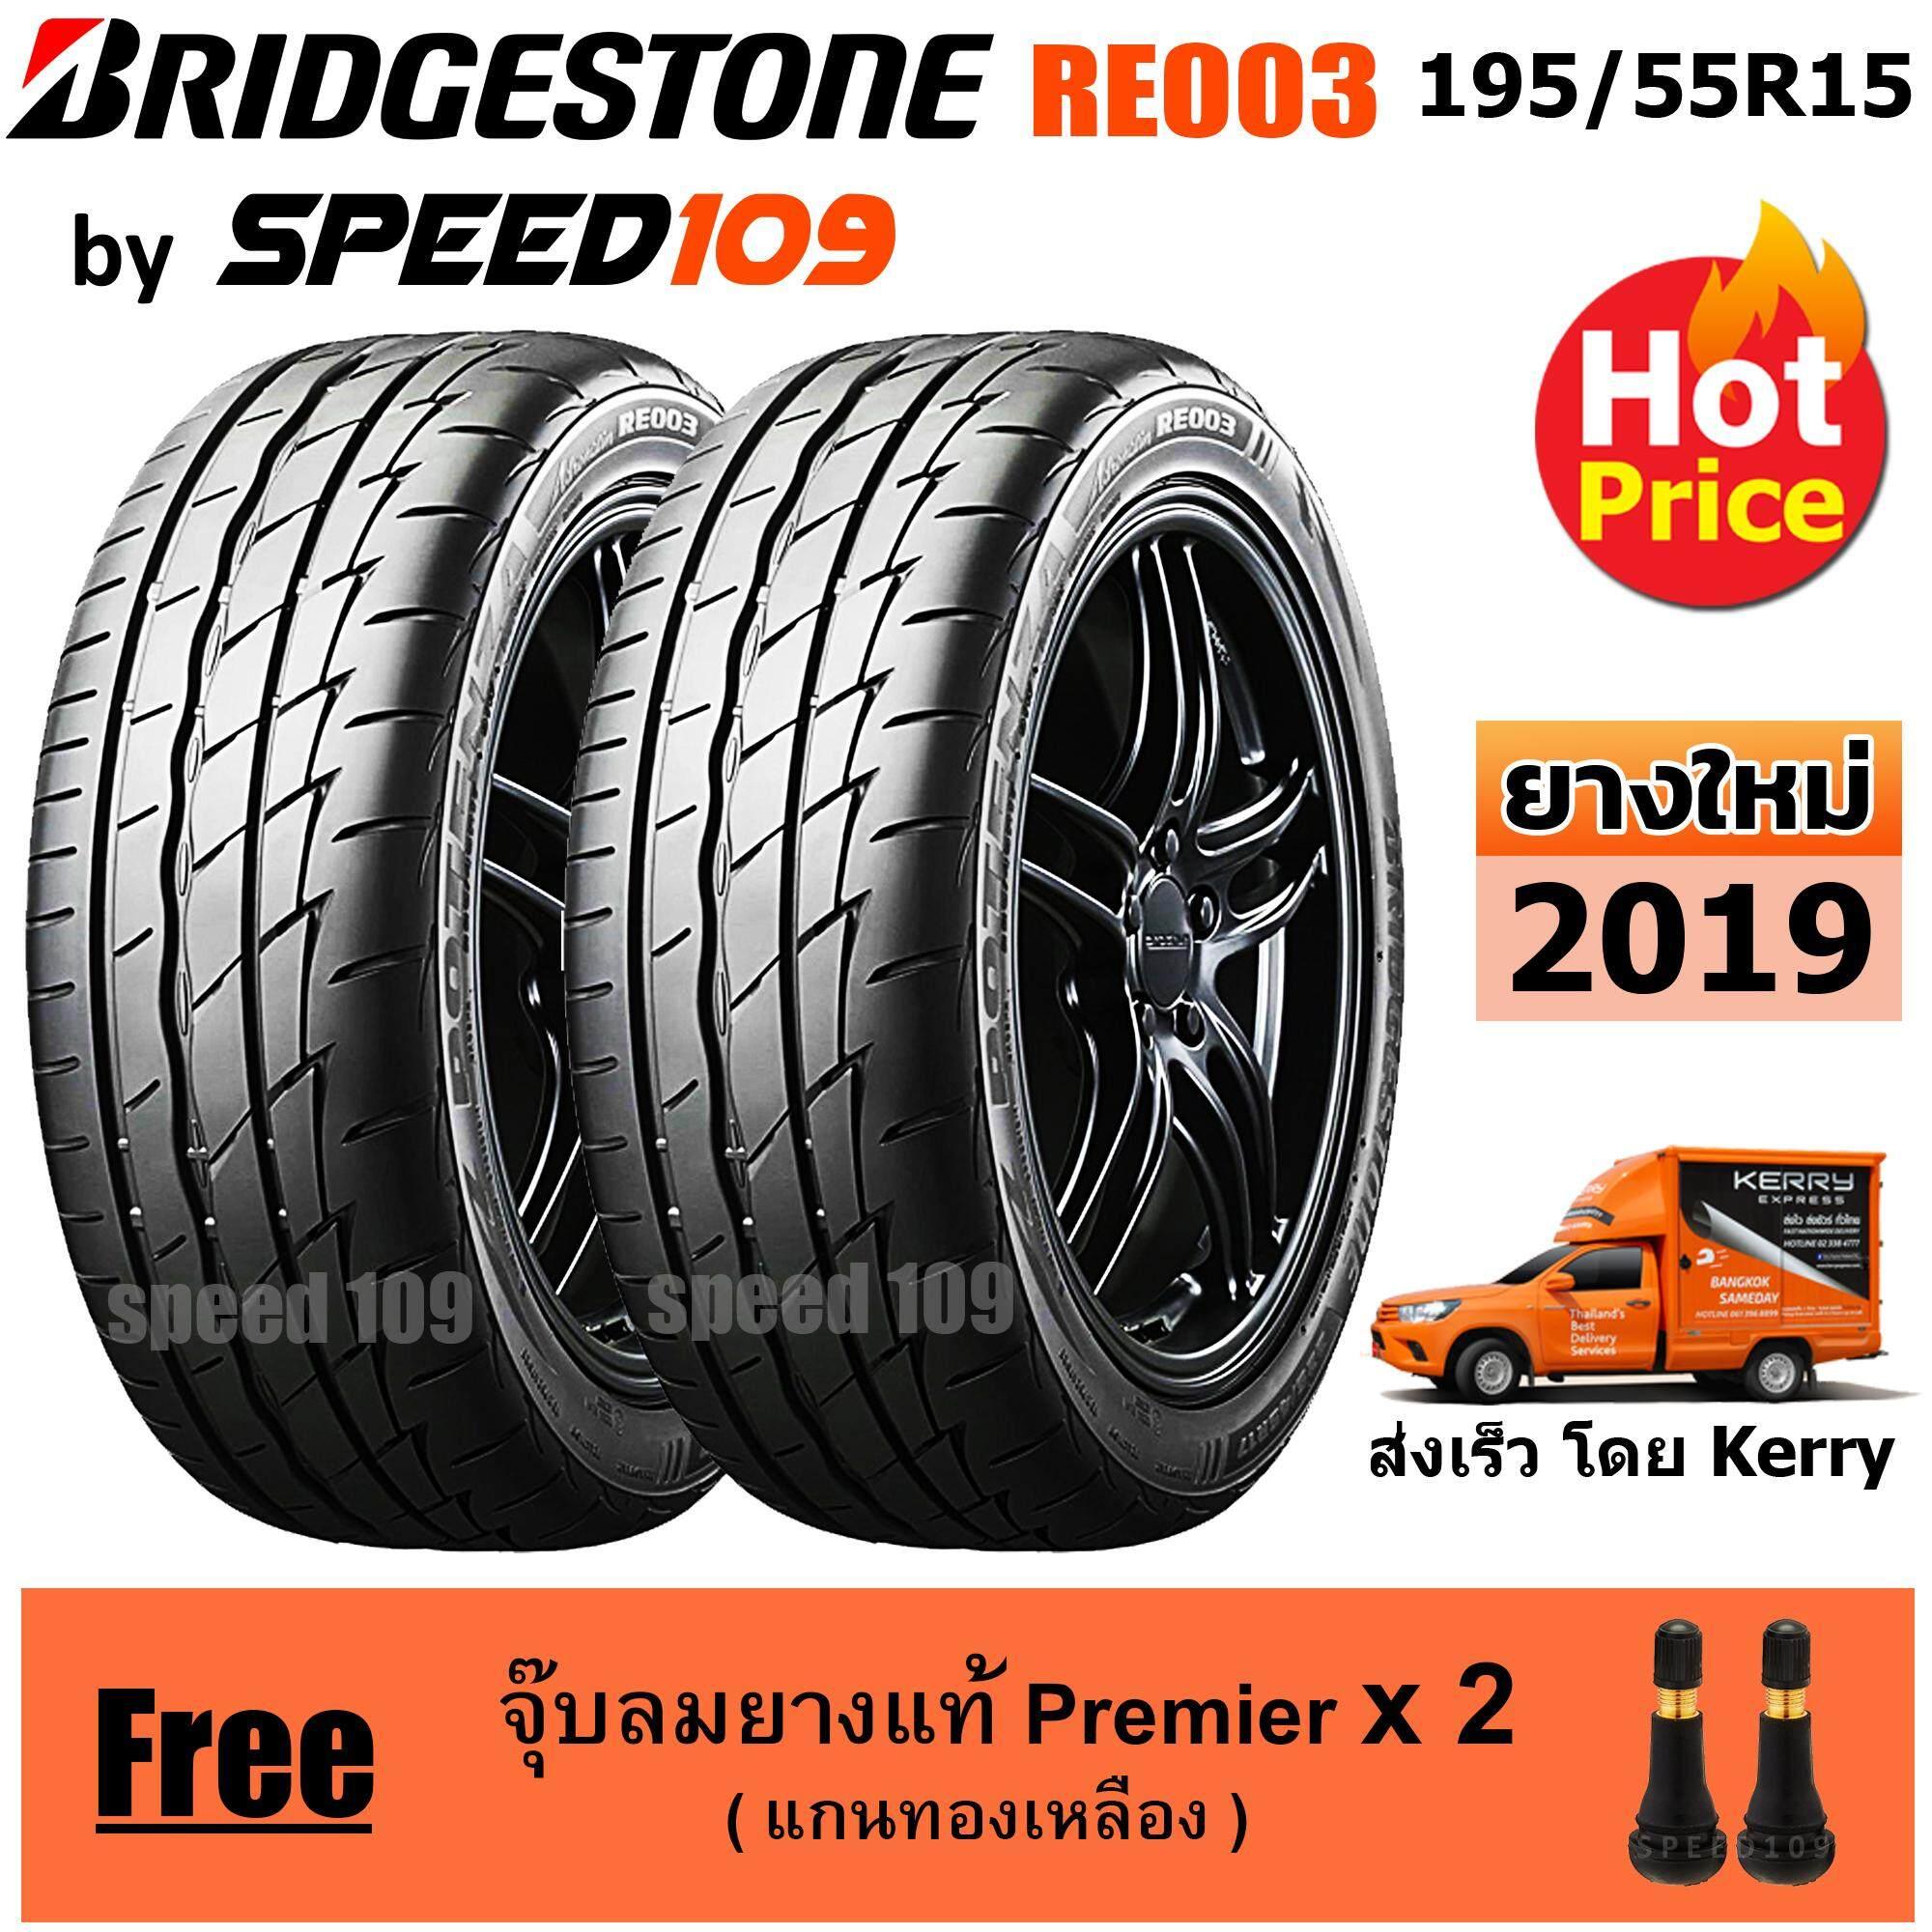 ประกันภัย รถยนต์ 3 พลัส ราคา ถูก อุดรธานี BRIDGESTONE ยางรถยนต์ ขอบ 15 ขนาด 195/55R15 รุ่น Potenza Adrenalin RE003 - 2 เส้น (ปี 2019)